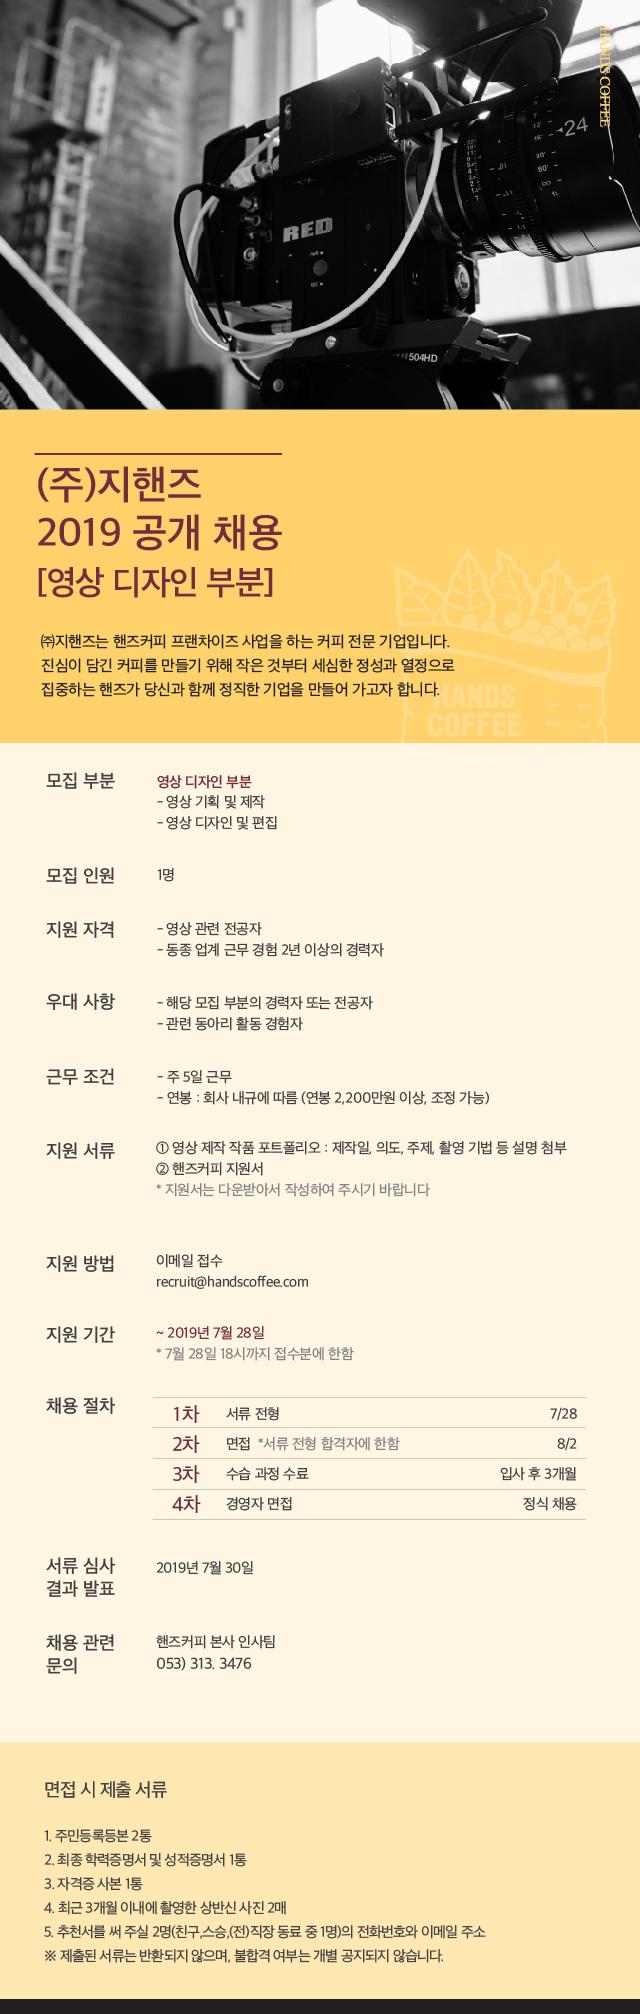 2019 공개채용_영상디자인.jpg